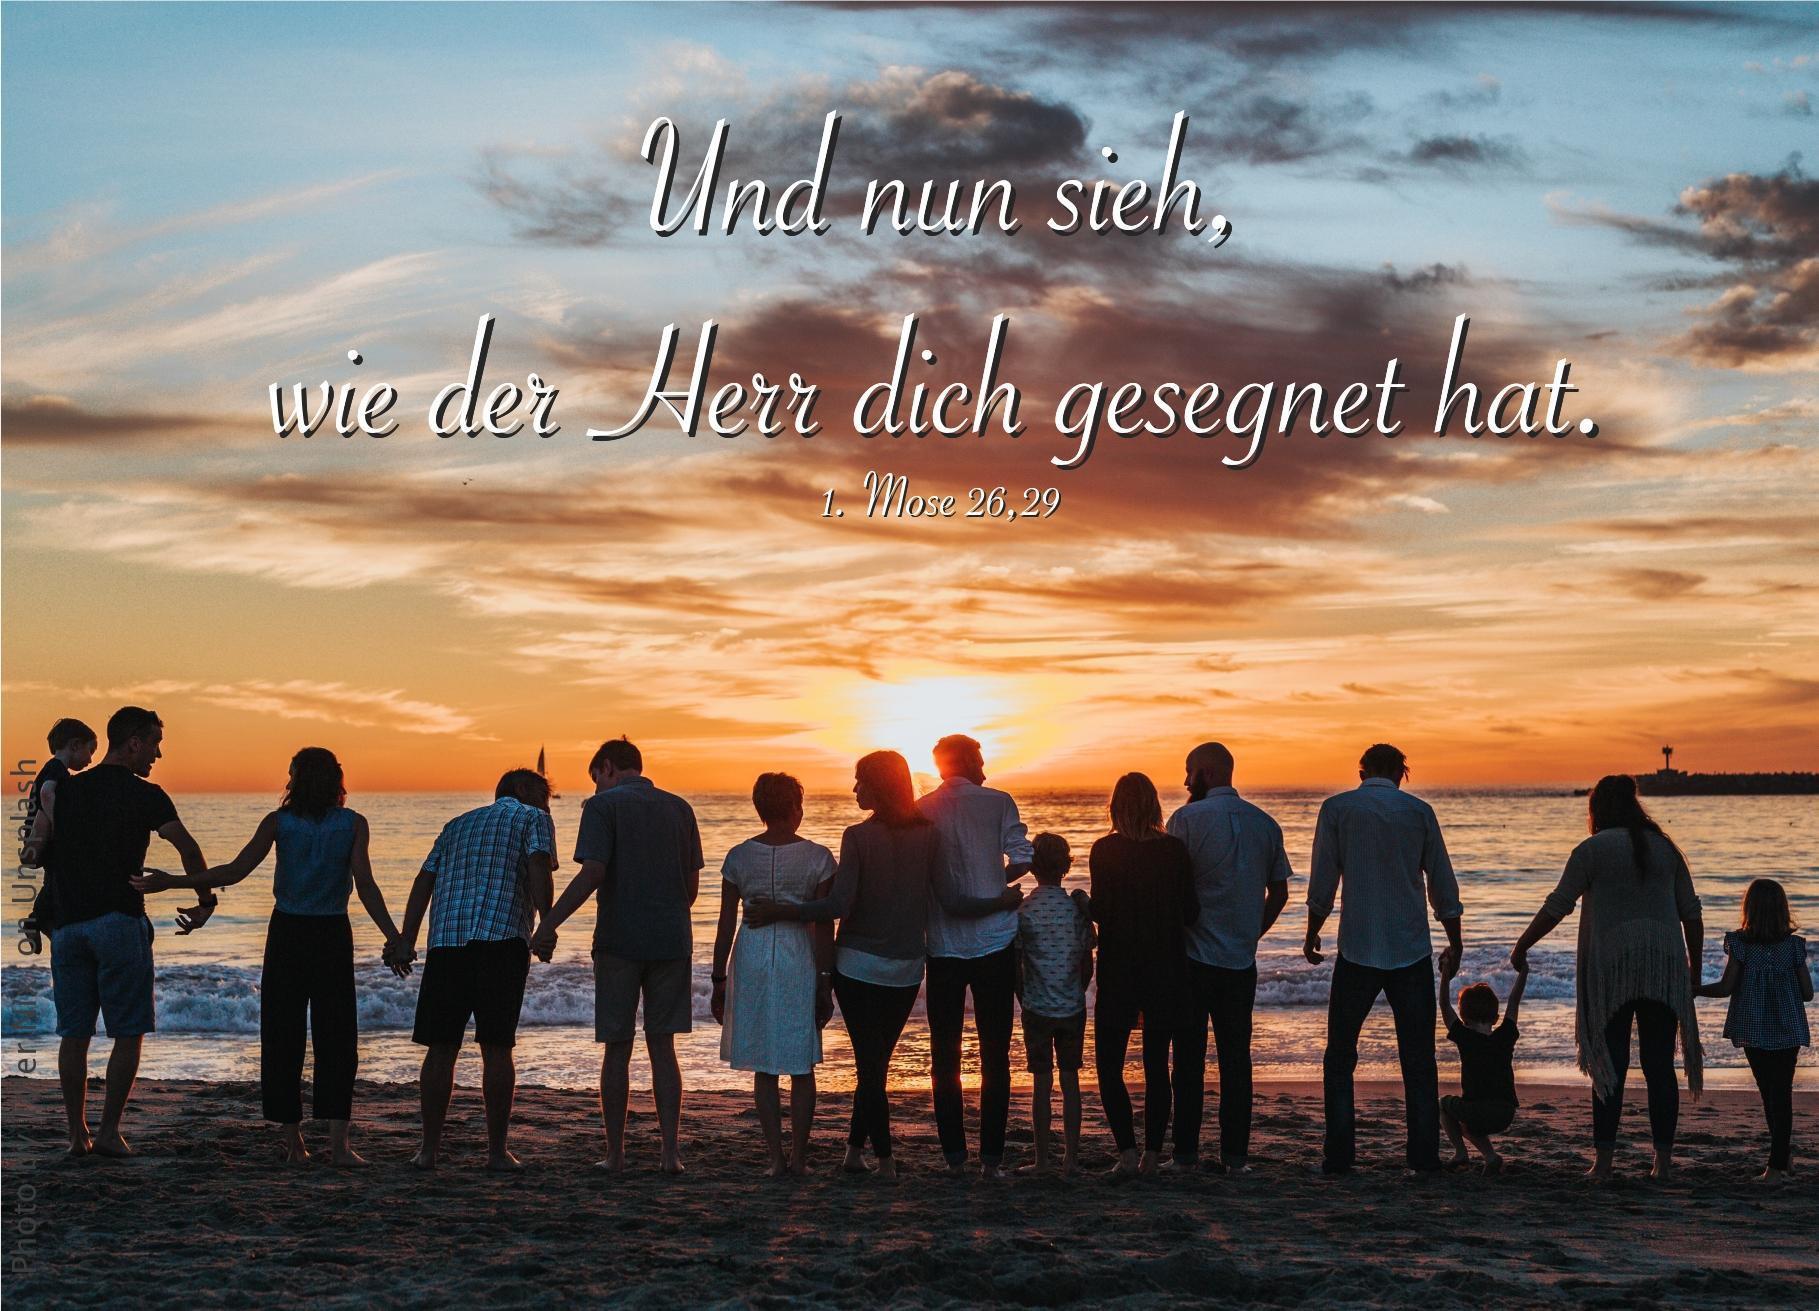 """alt=""""familie_am_strand_nebeneinander_stehend_erwartet_bibelhoerbuch_jakob_stieht_den_segen_und_flieht"""""""